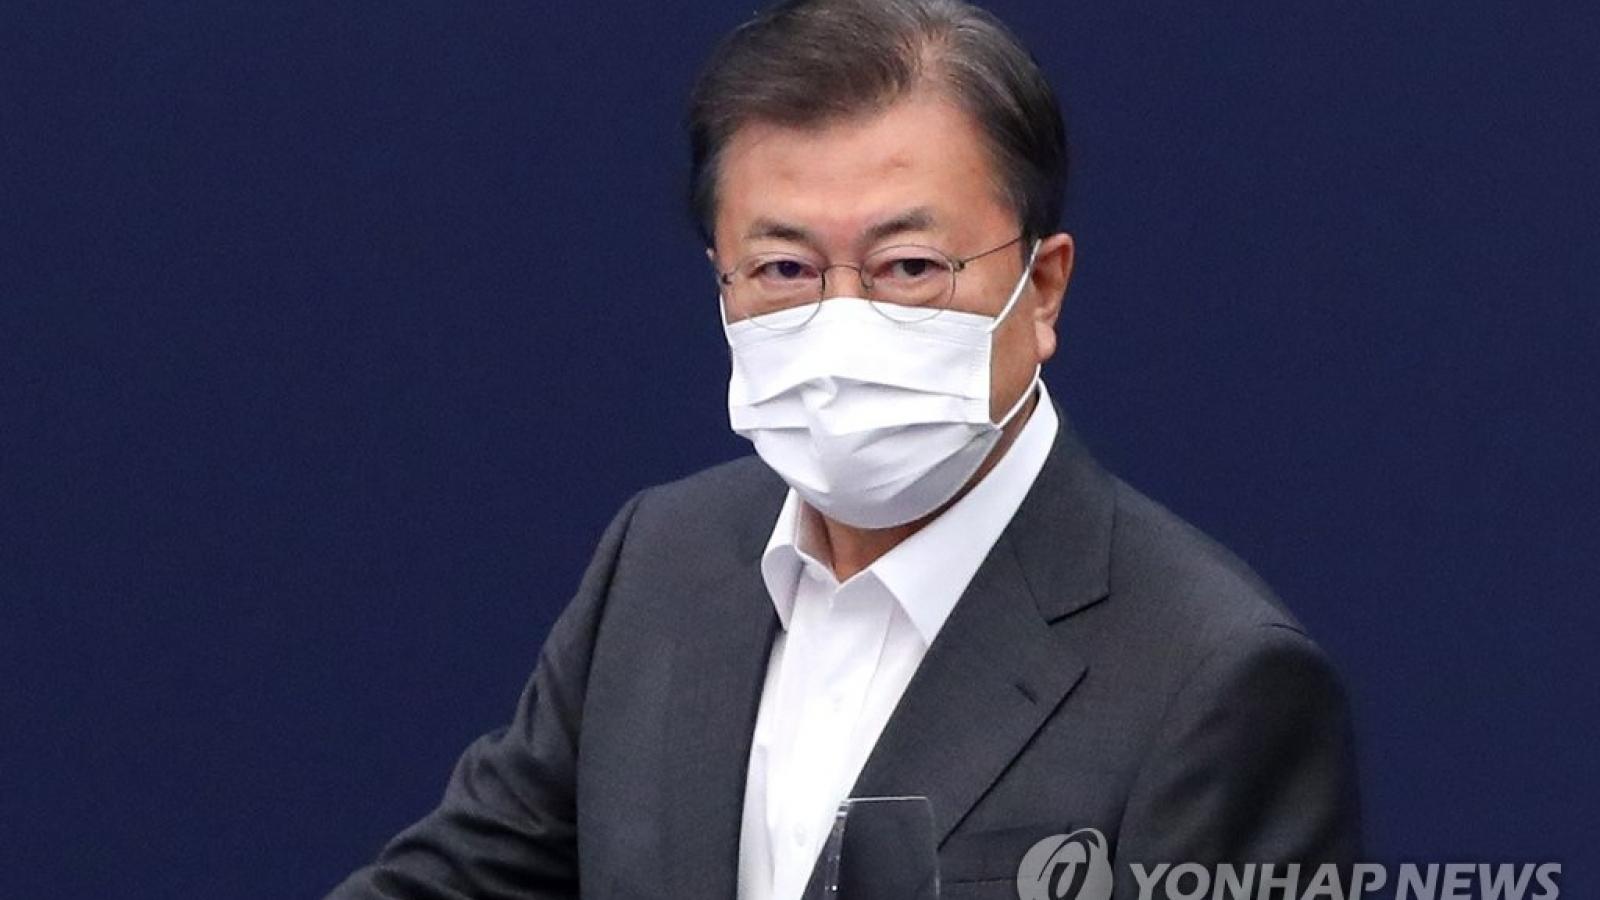 Tổng thống Hàn Quốc sẽ tiêm vaccine AstraZeneca sớm để dự Thượng đỉnh G7